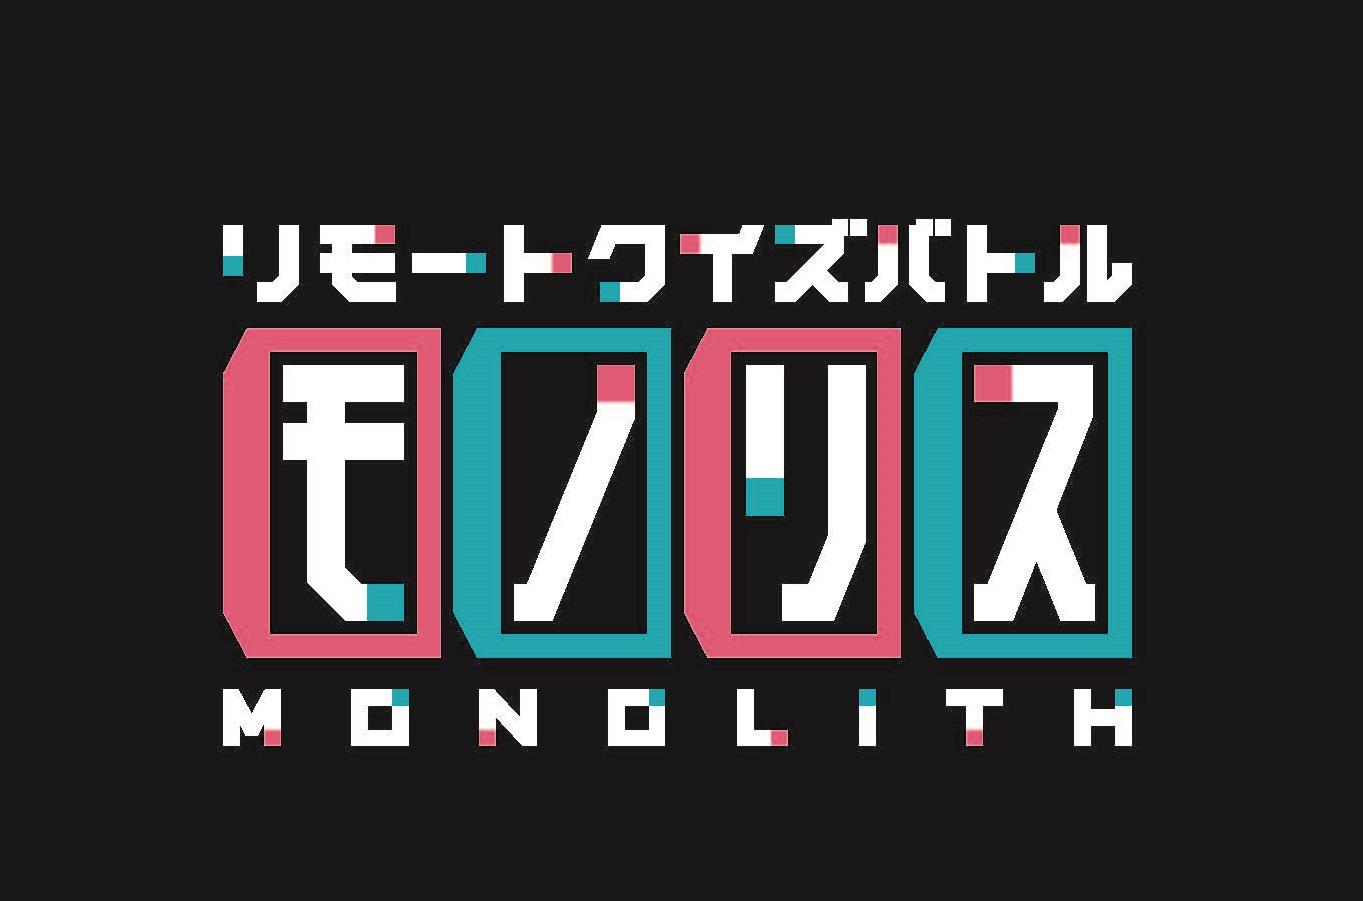 新クイズ番組「リモートクイズバトル モノリス」が配信スタート